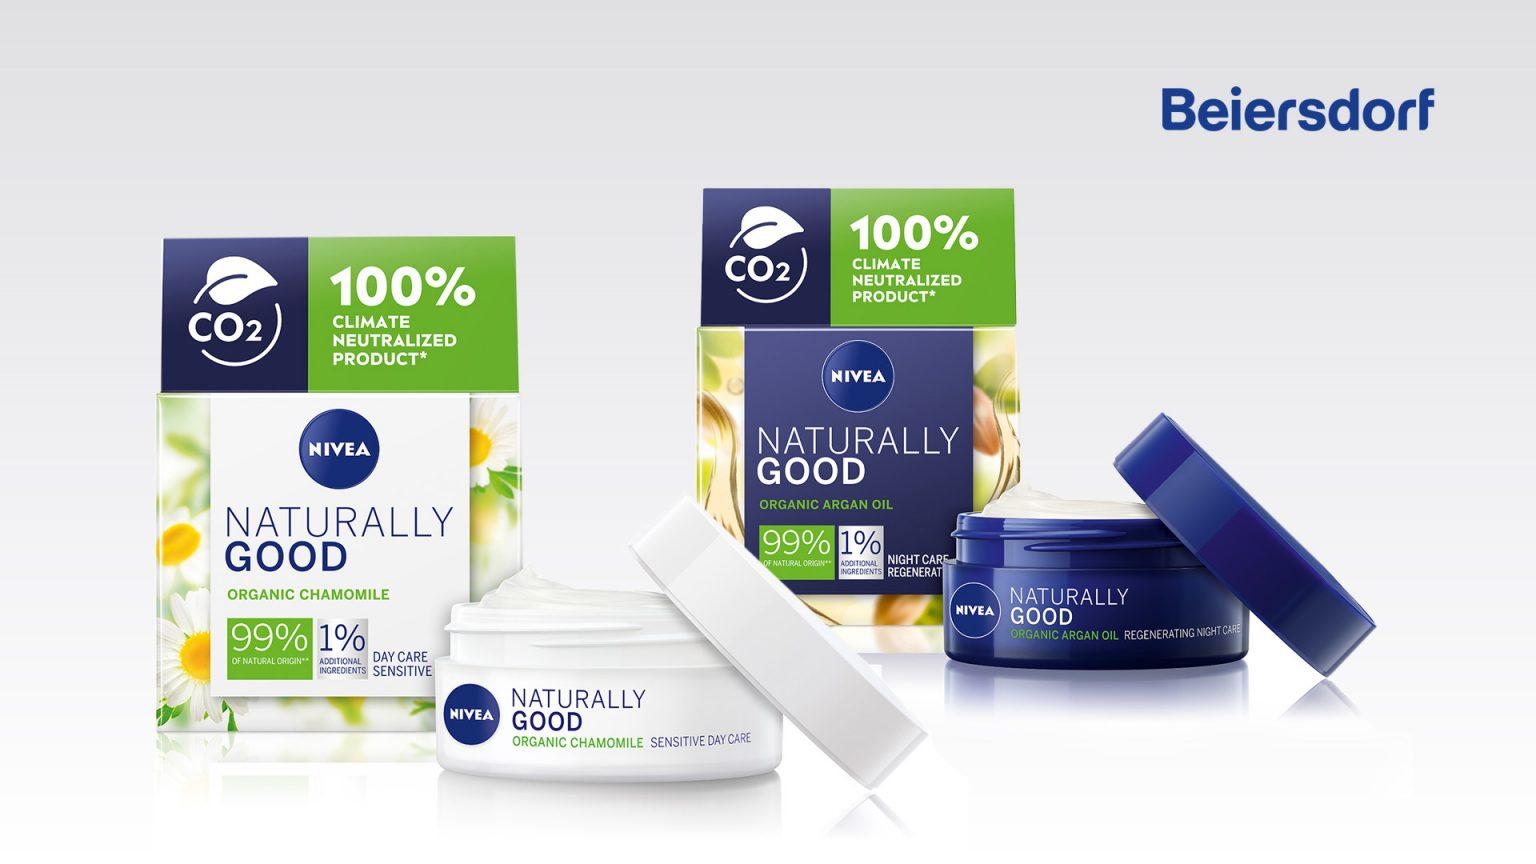 beiersdorf renewable packaging